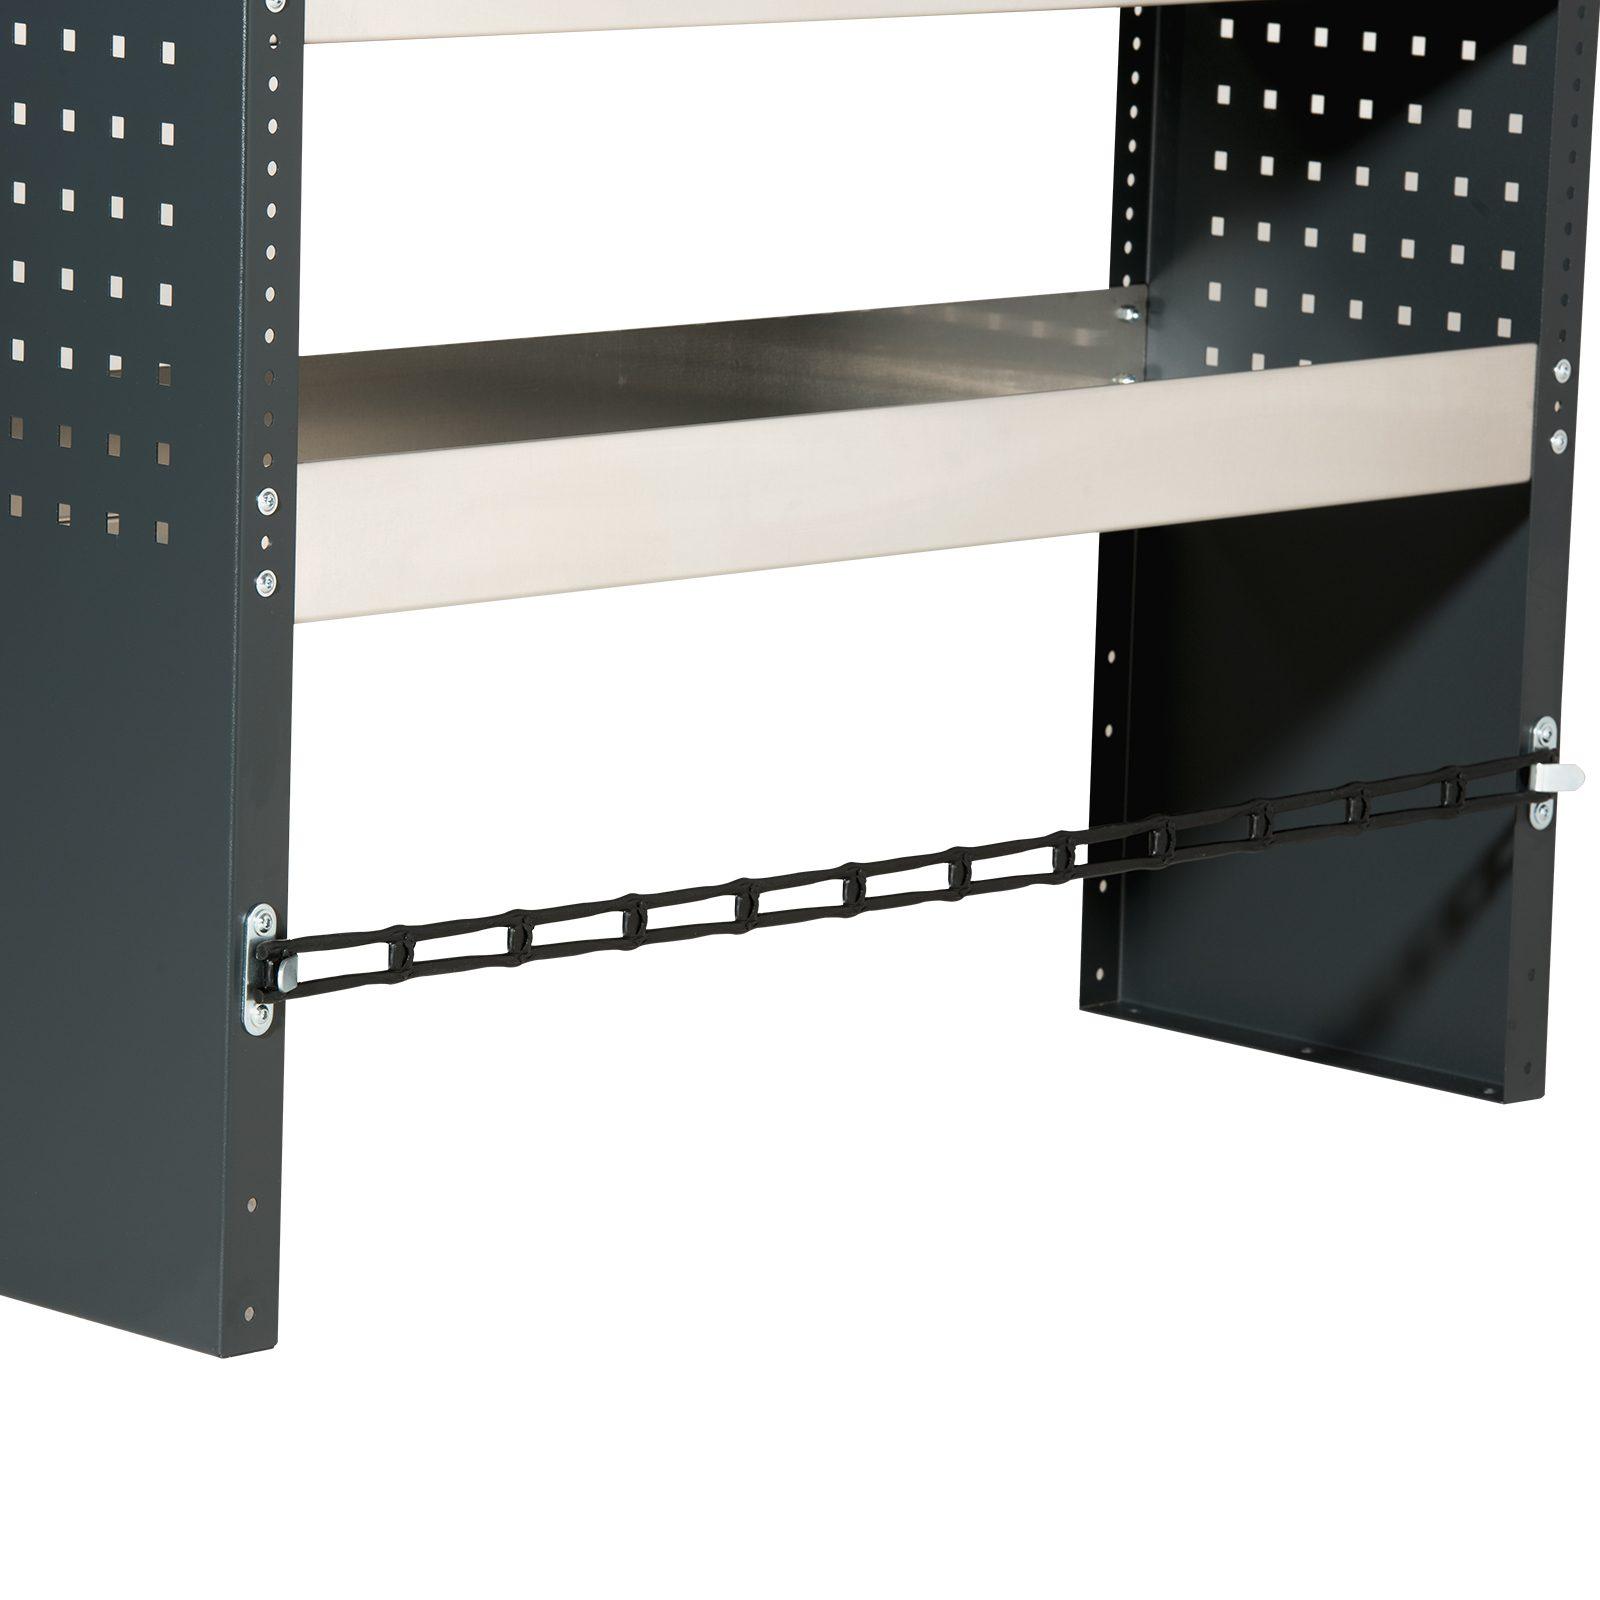 OFR00-00-00-Optima-Fahrzeugeinrichtungen-Regal-Vatiante-Sichererungsband-Gummi-Aluminium-schwarz-professional-450x1250x350mm-einfach